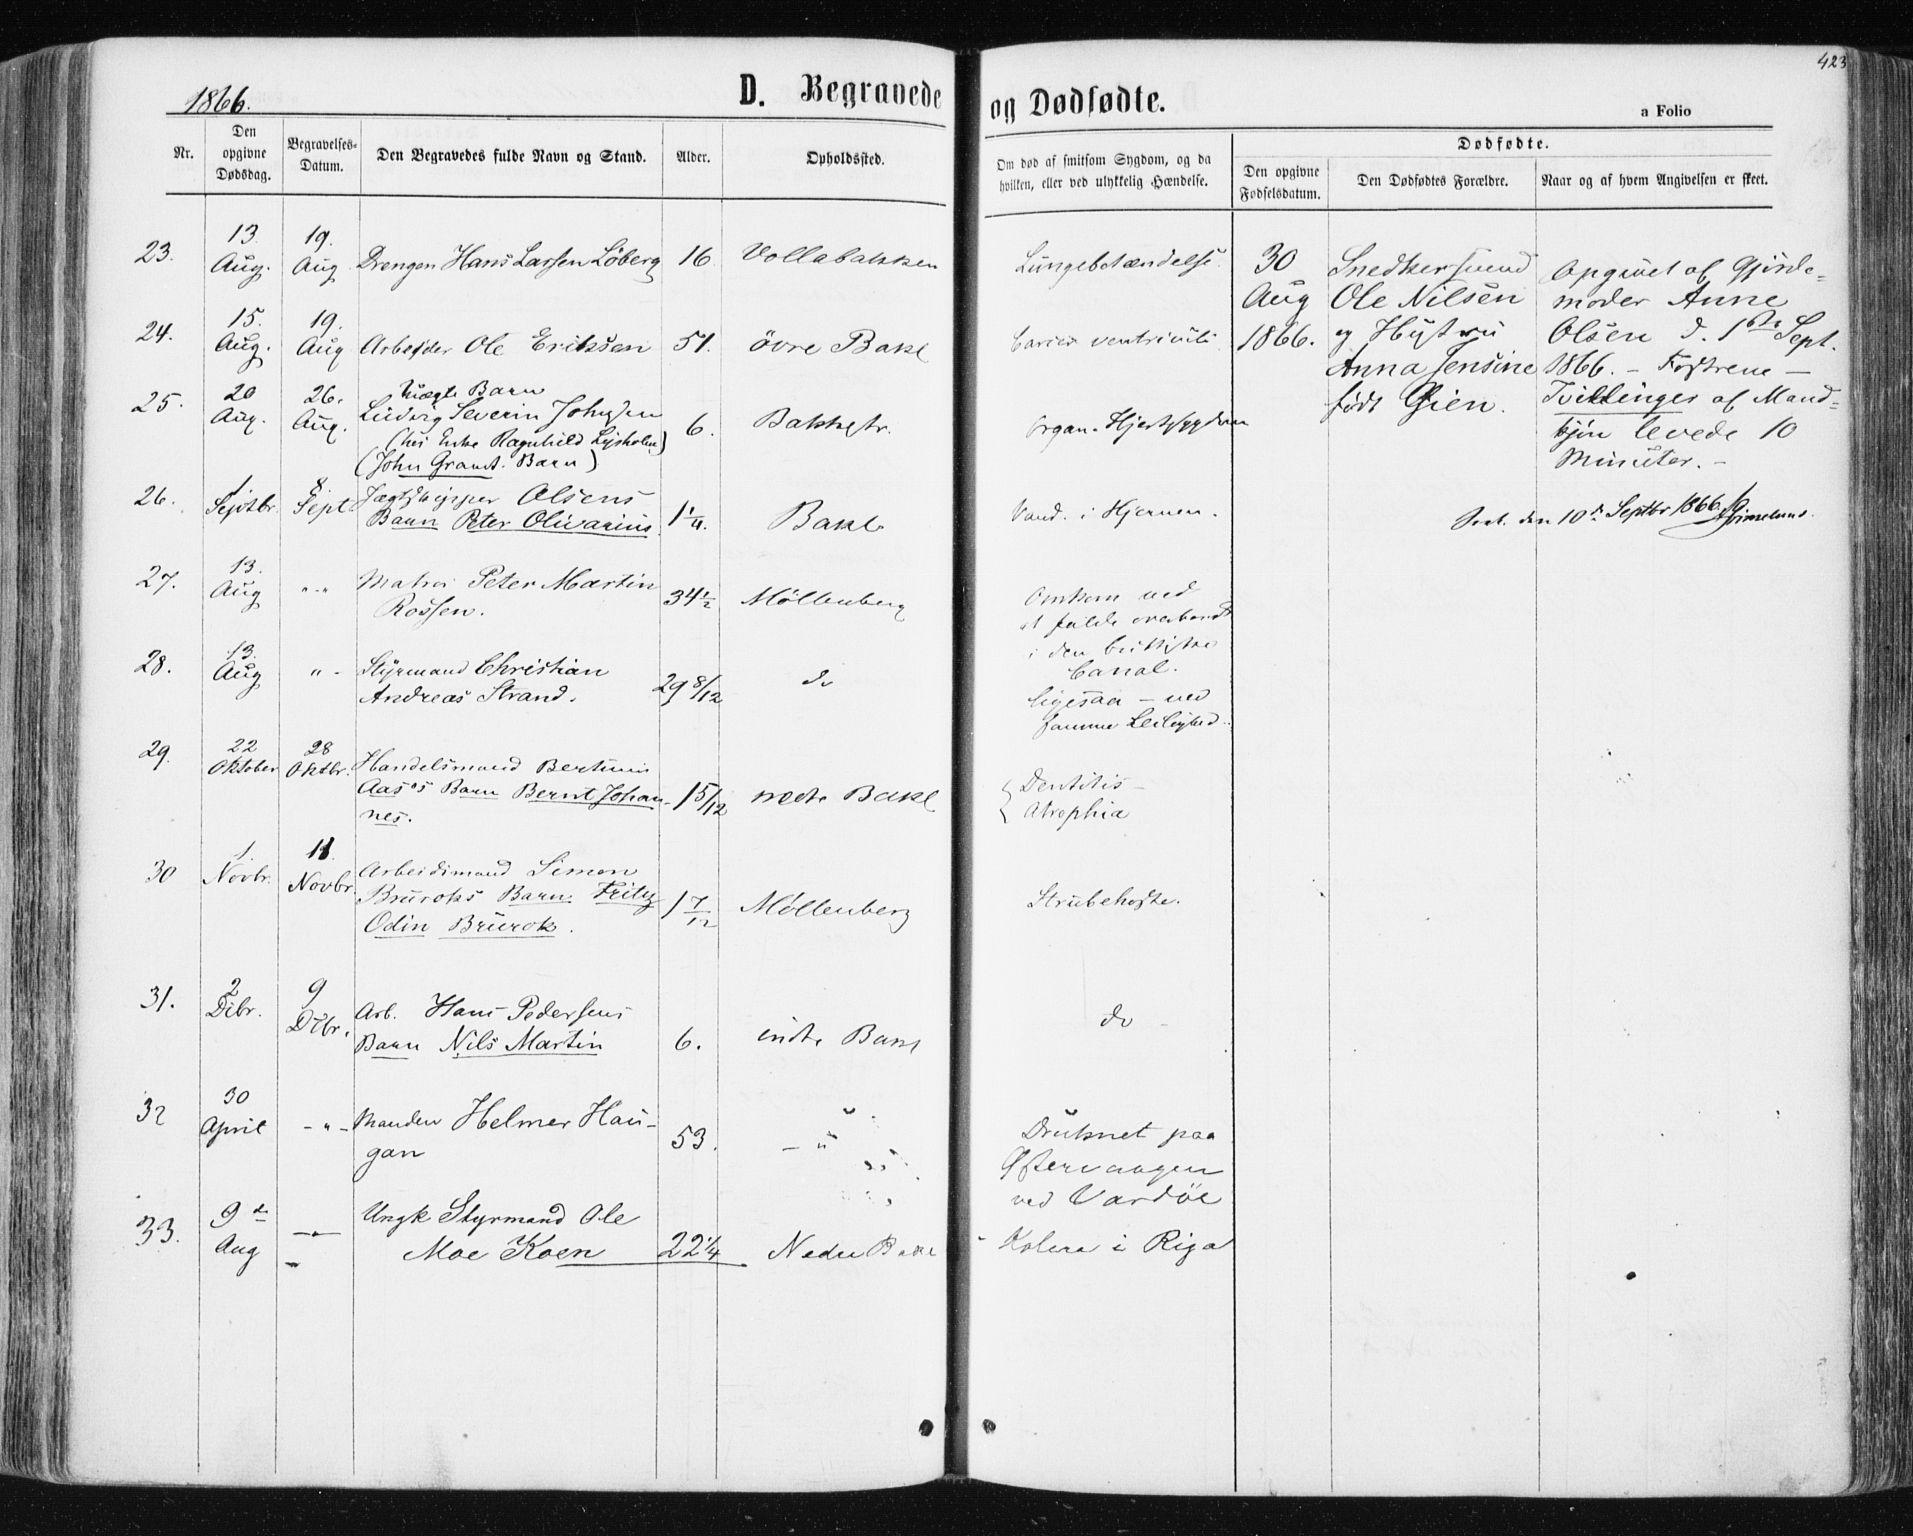 SAT, Ministerialprotokoller, klokkerbøker og fødselsregistre - Sør-Trøndelag, 604/L0186: Ministerialbok nr. 604A07, 1866-1877, s. 423